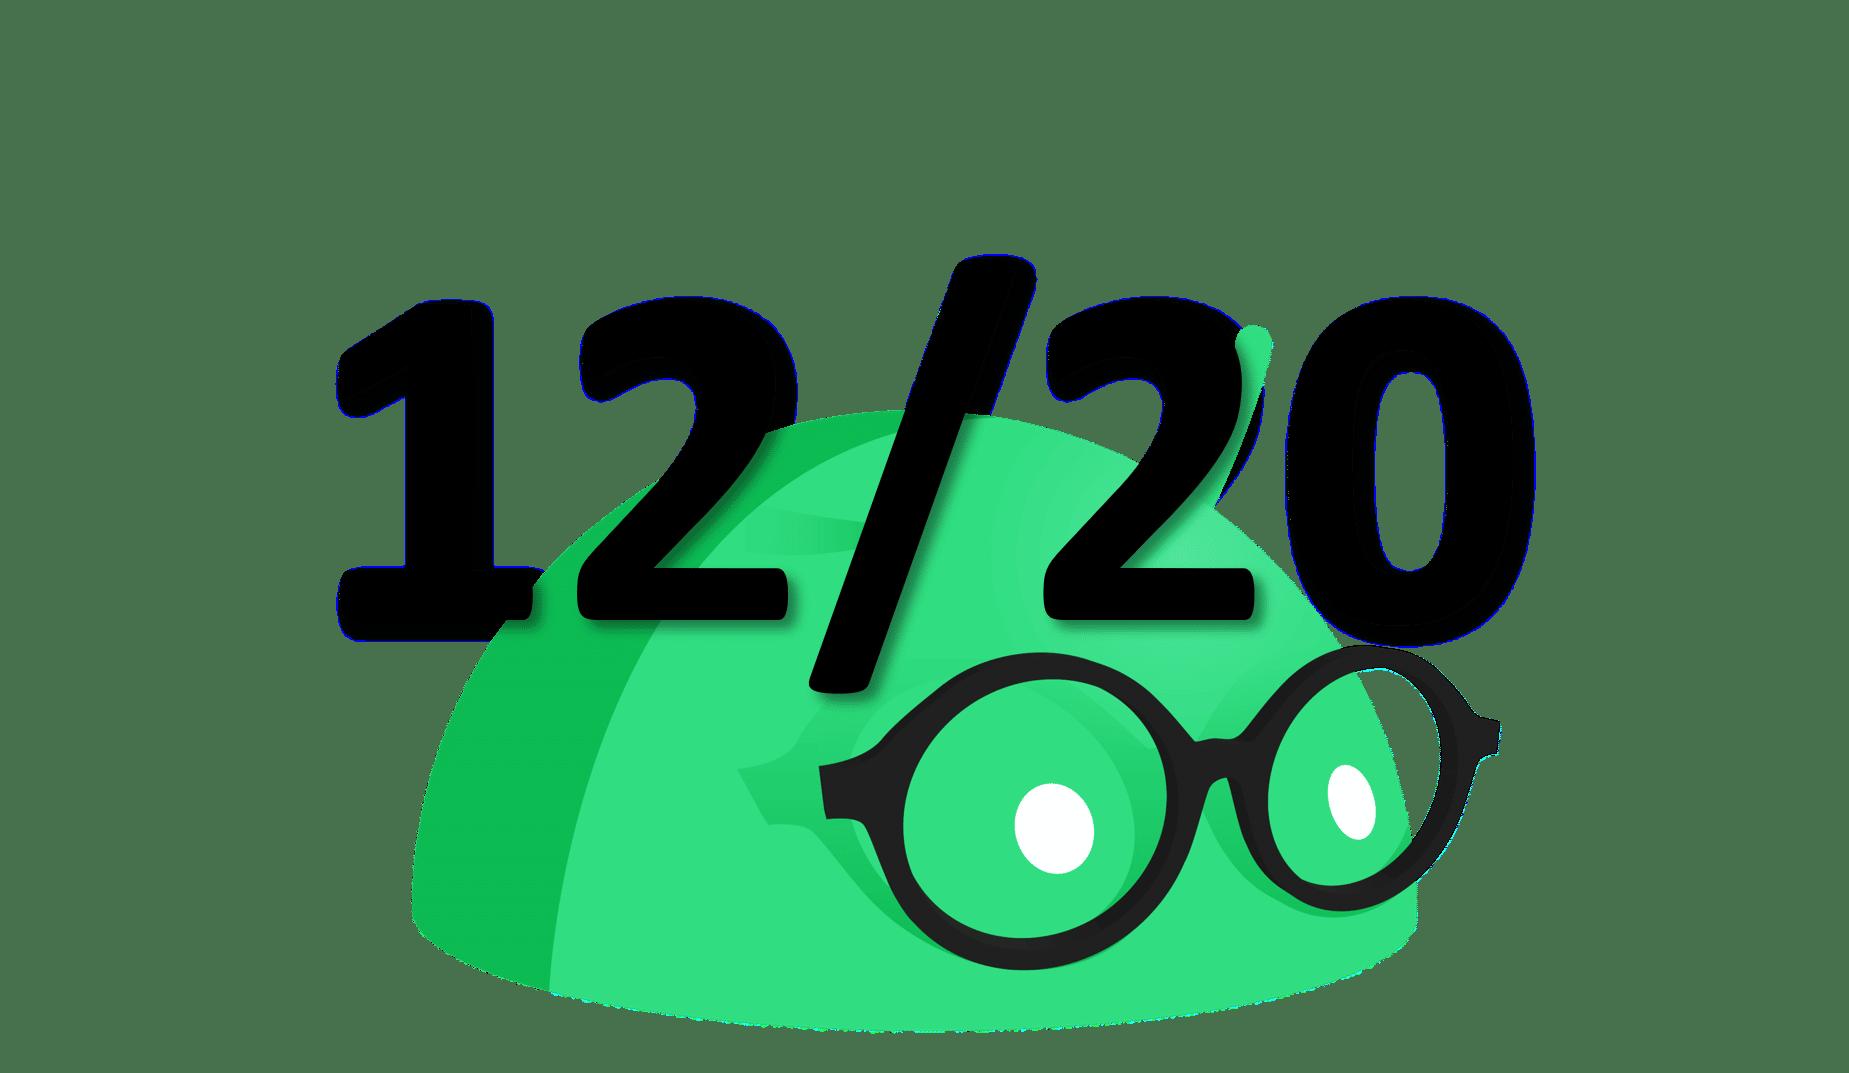 12 sur 20 Note Droidsoft